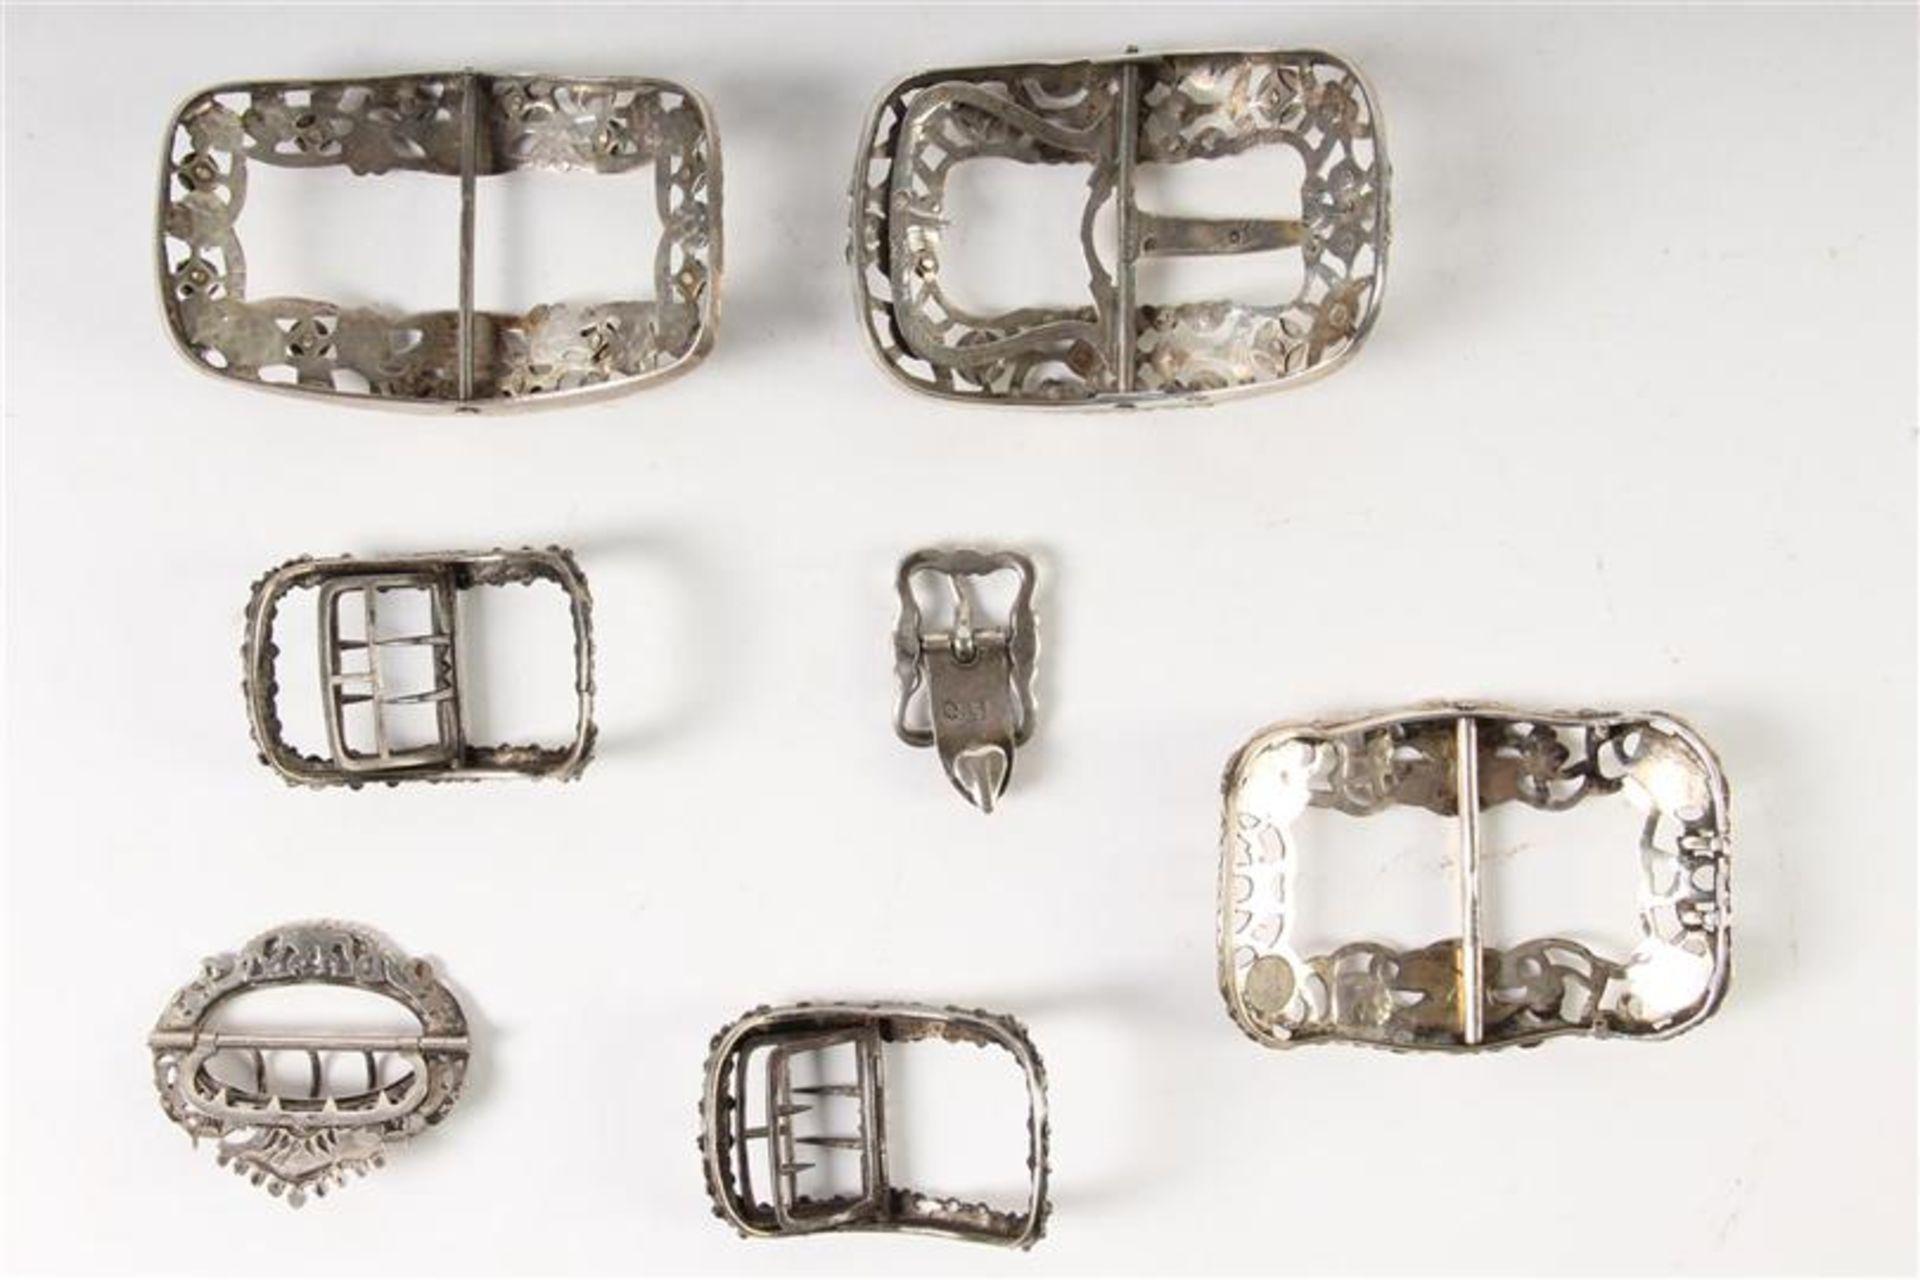 Los 60 - Zeven diverse zilveren gespen, Hollands gekeurd. Gewicht: 251 g.